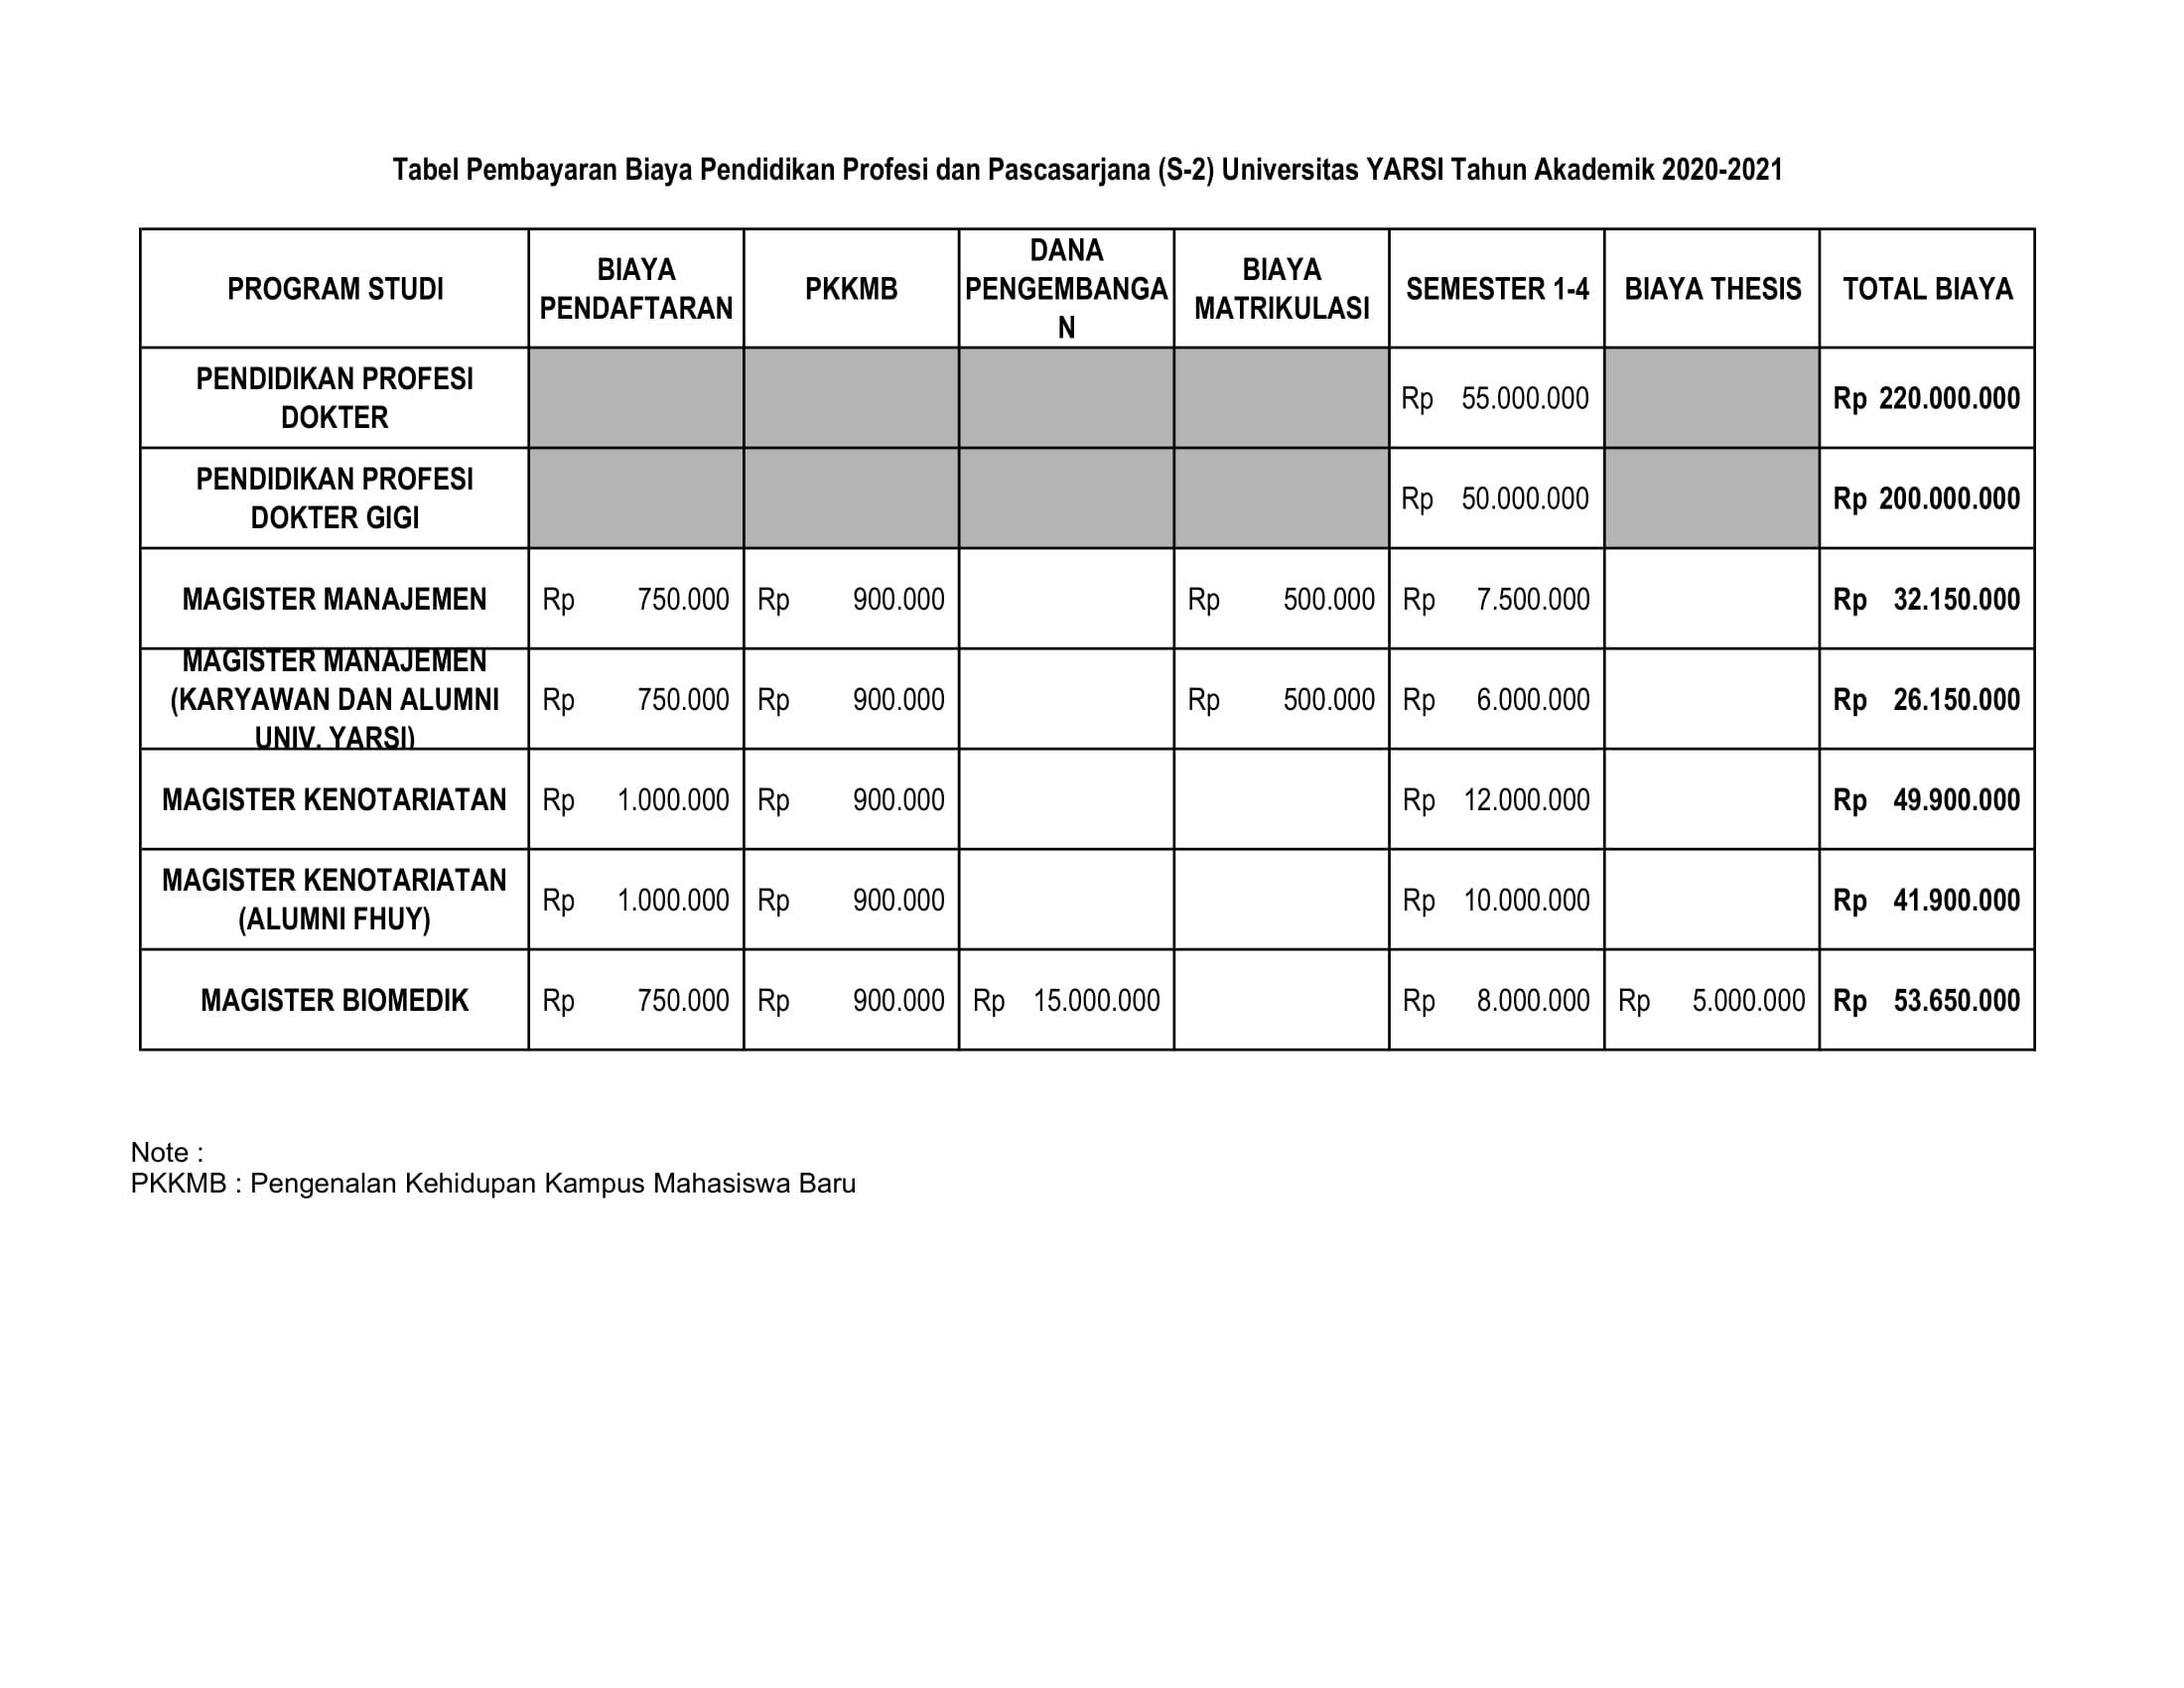 BPP-Profesi-dan-S2-Reguler-Univ.-YARSI-2020-2021-11.2019-1